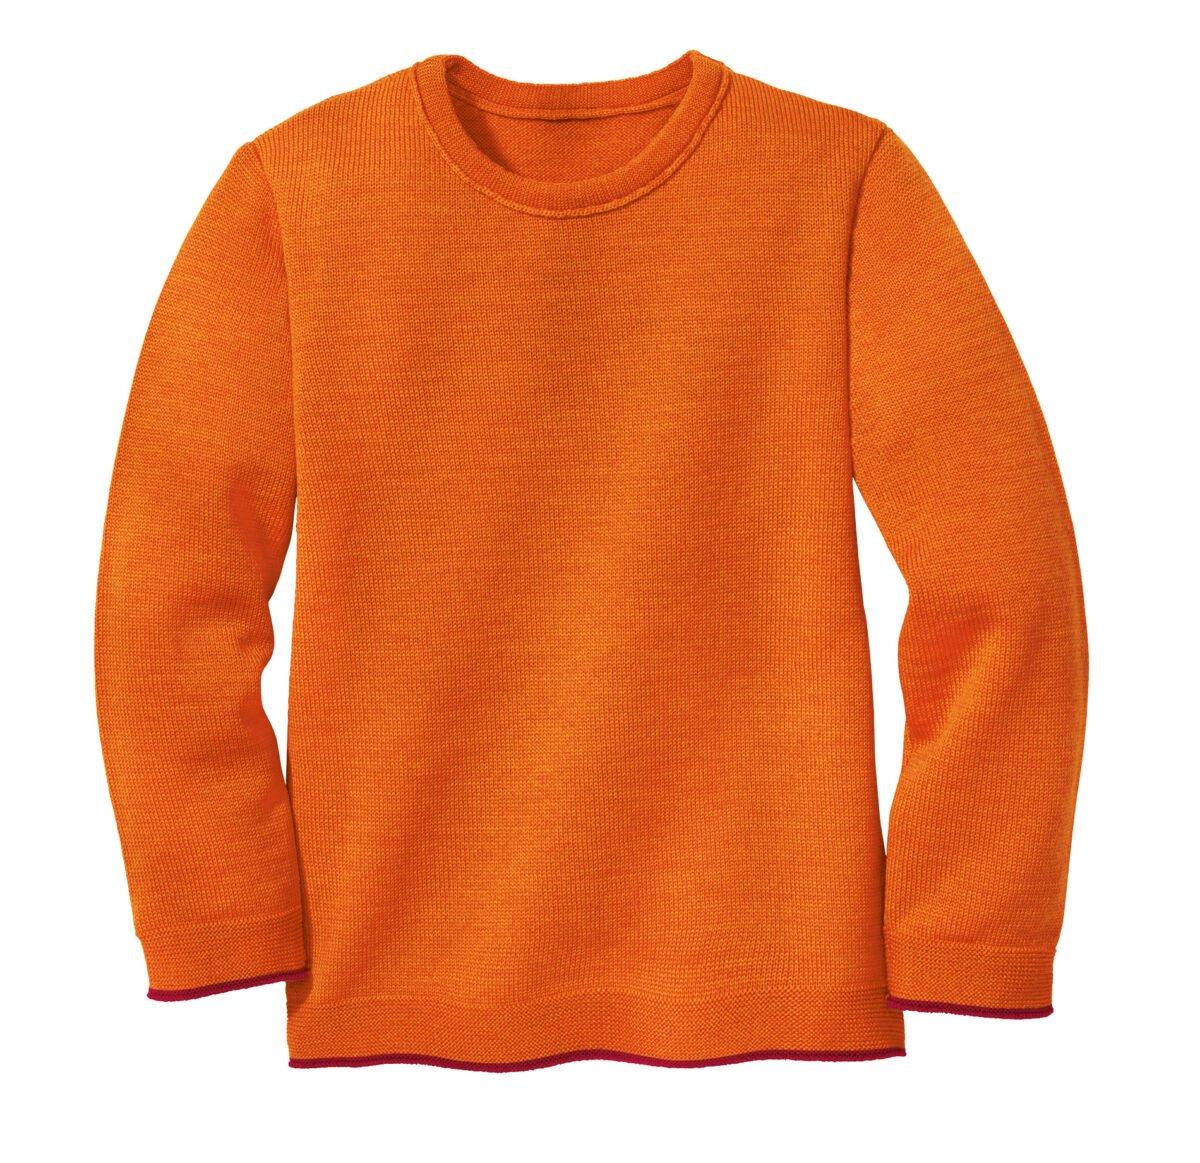 Pulover din lână merinos orange - bordeaux Disana